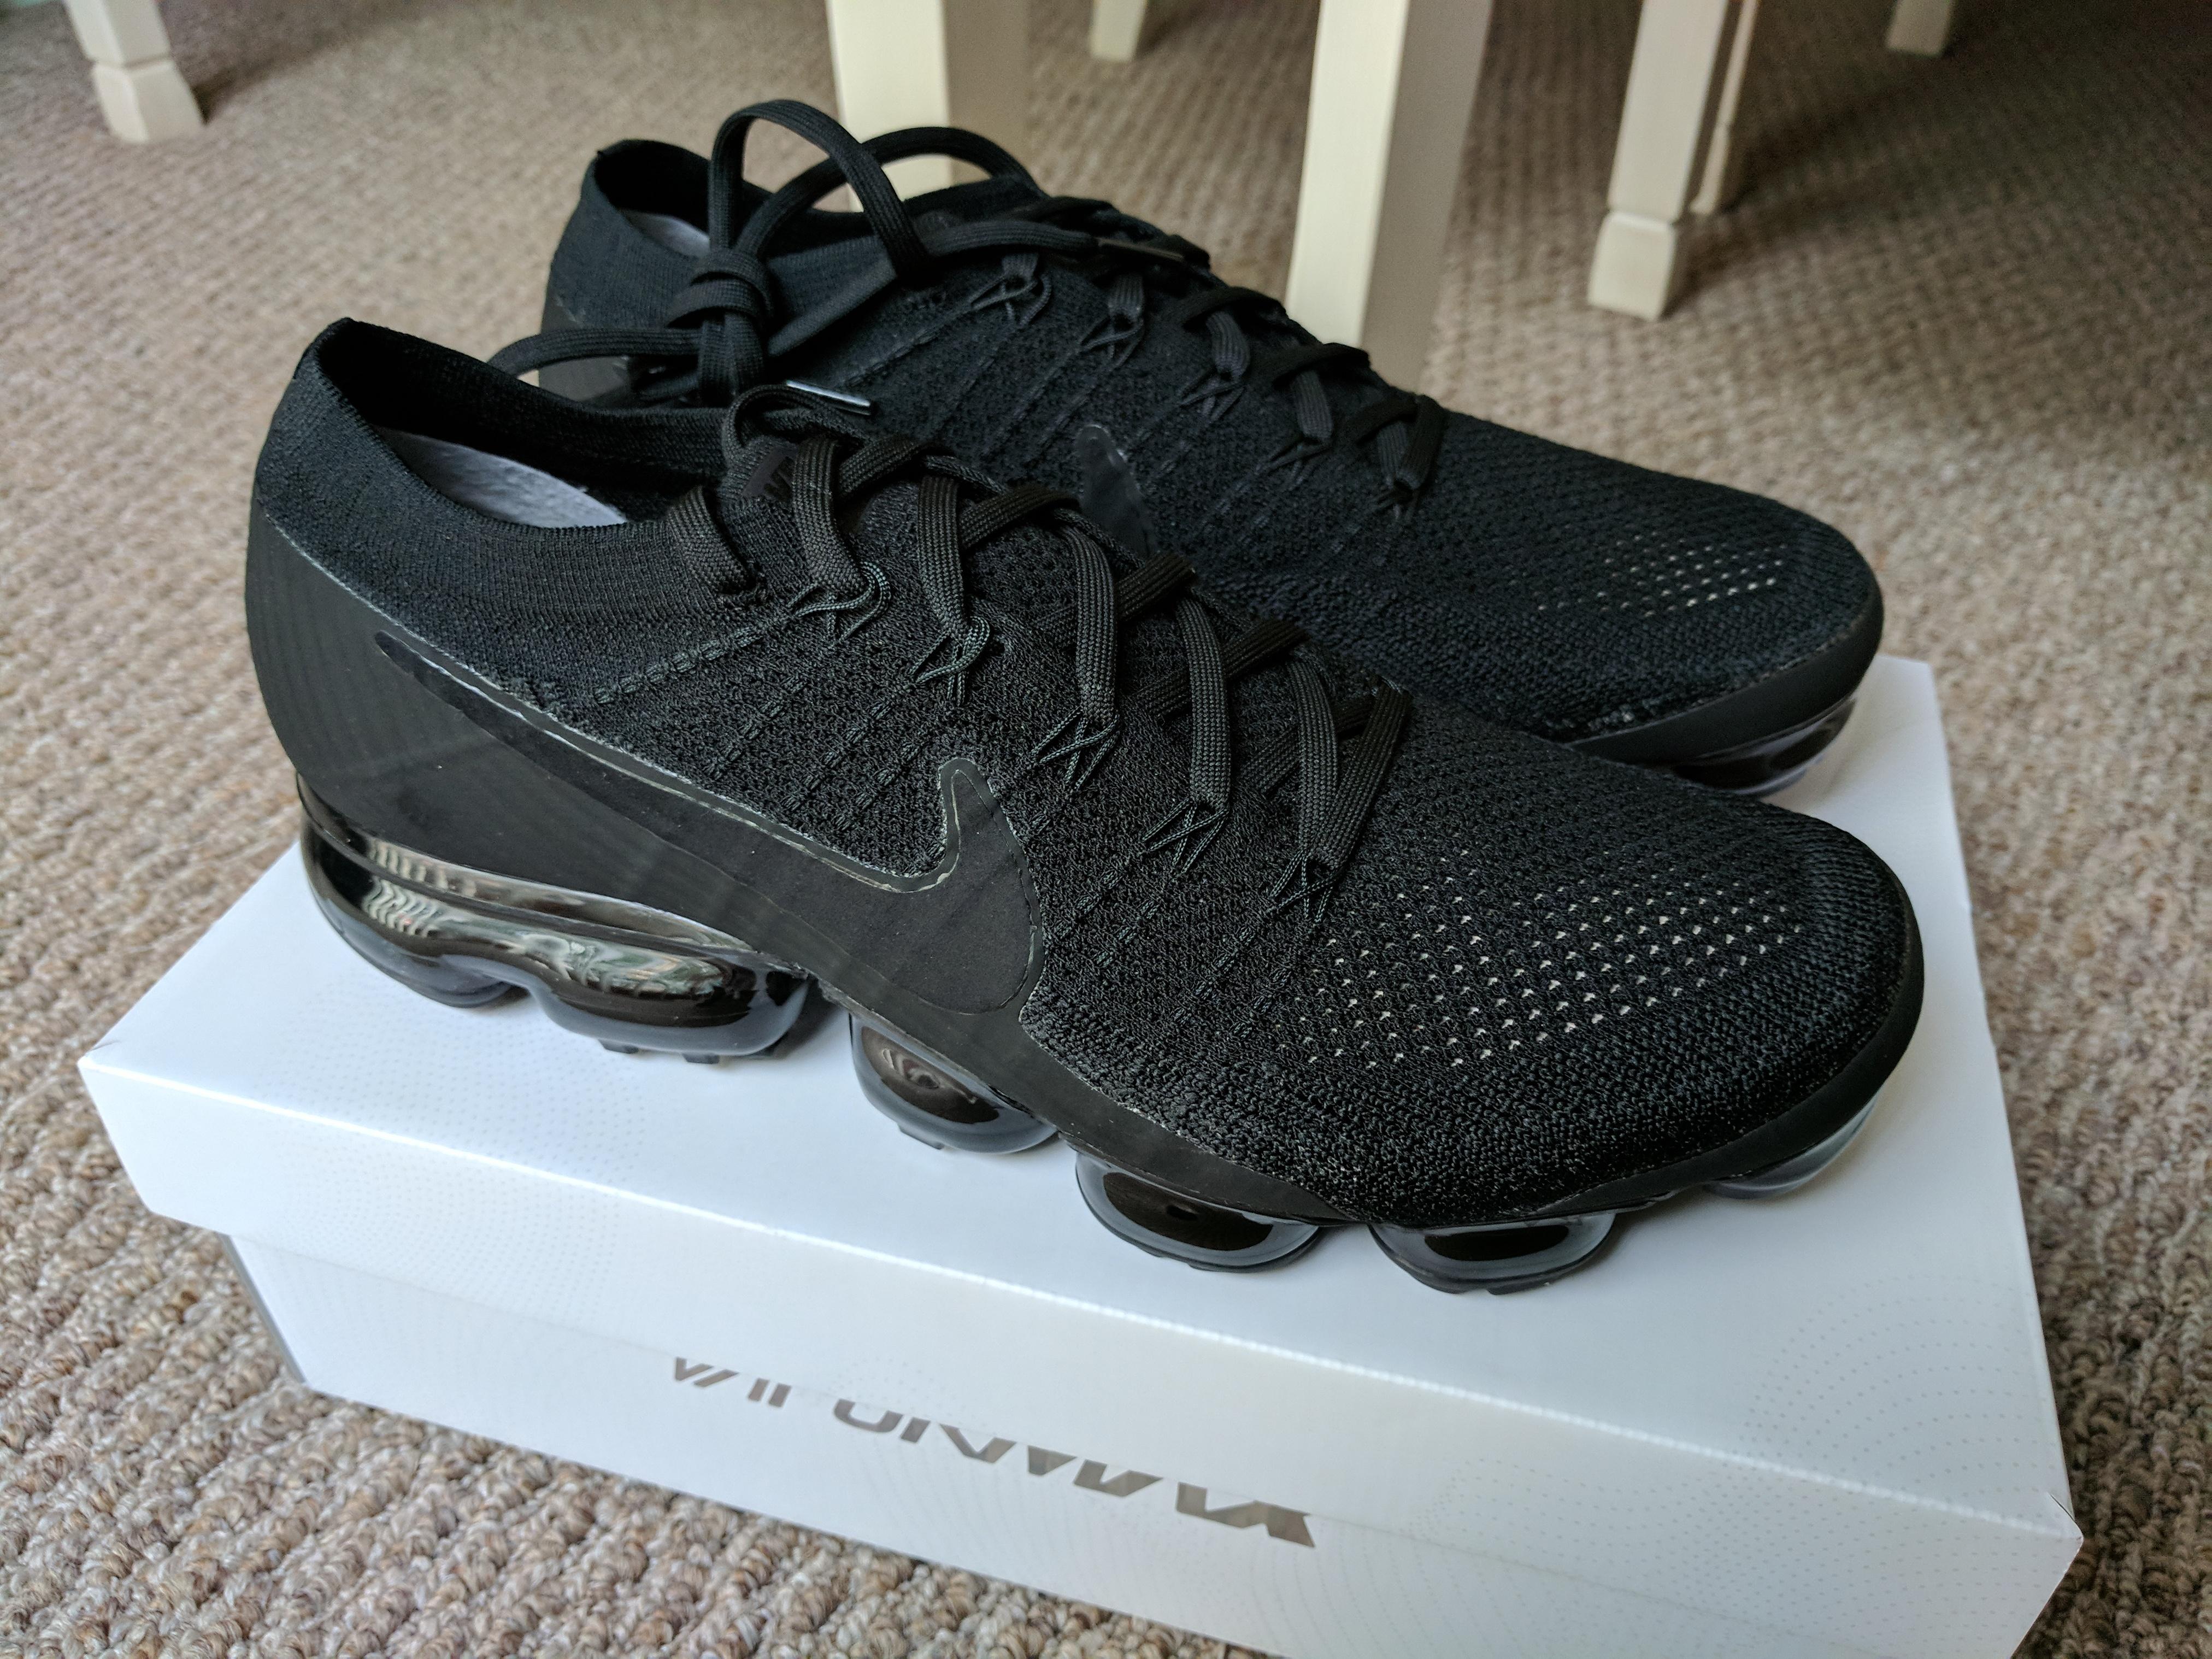 promo code b8541 2a9a5 Nike Air VaporMax Triple Black 3.0